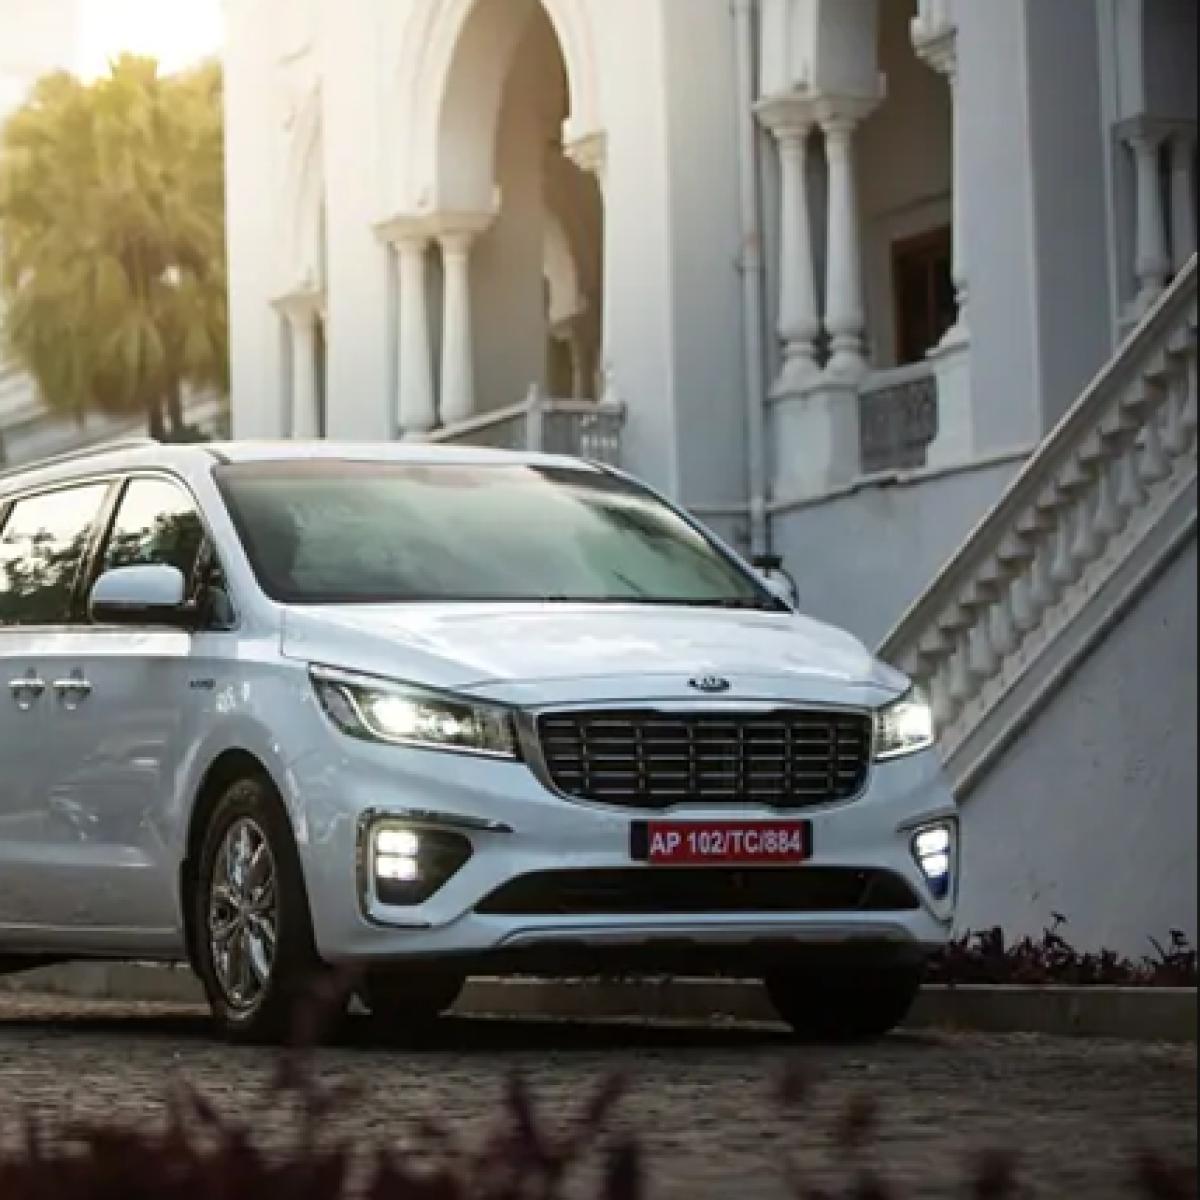 Auto Expo 2020: Kia Motors India launches Carnival MPV - here are the details